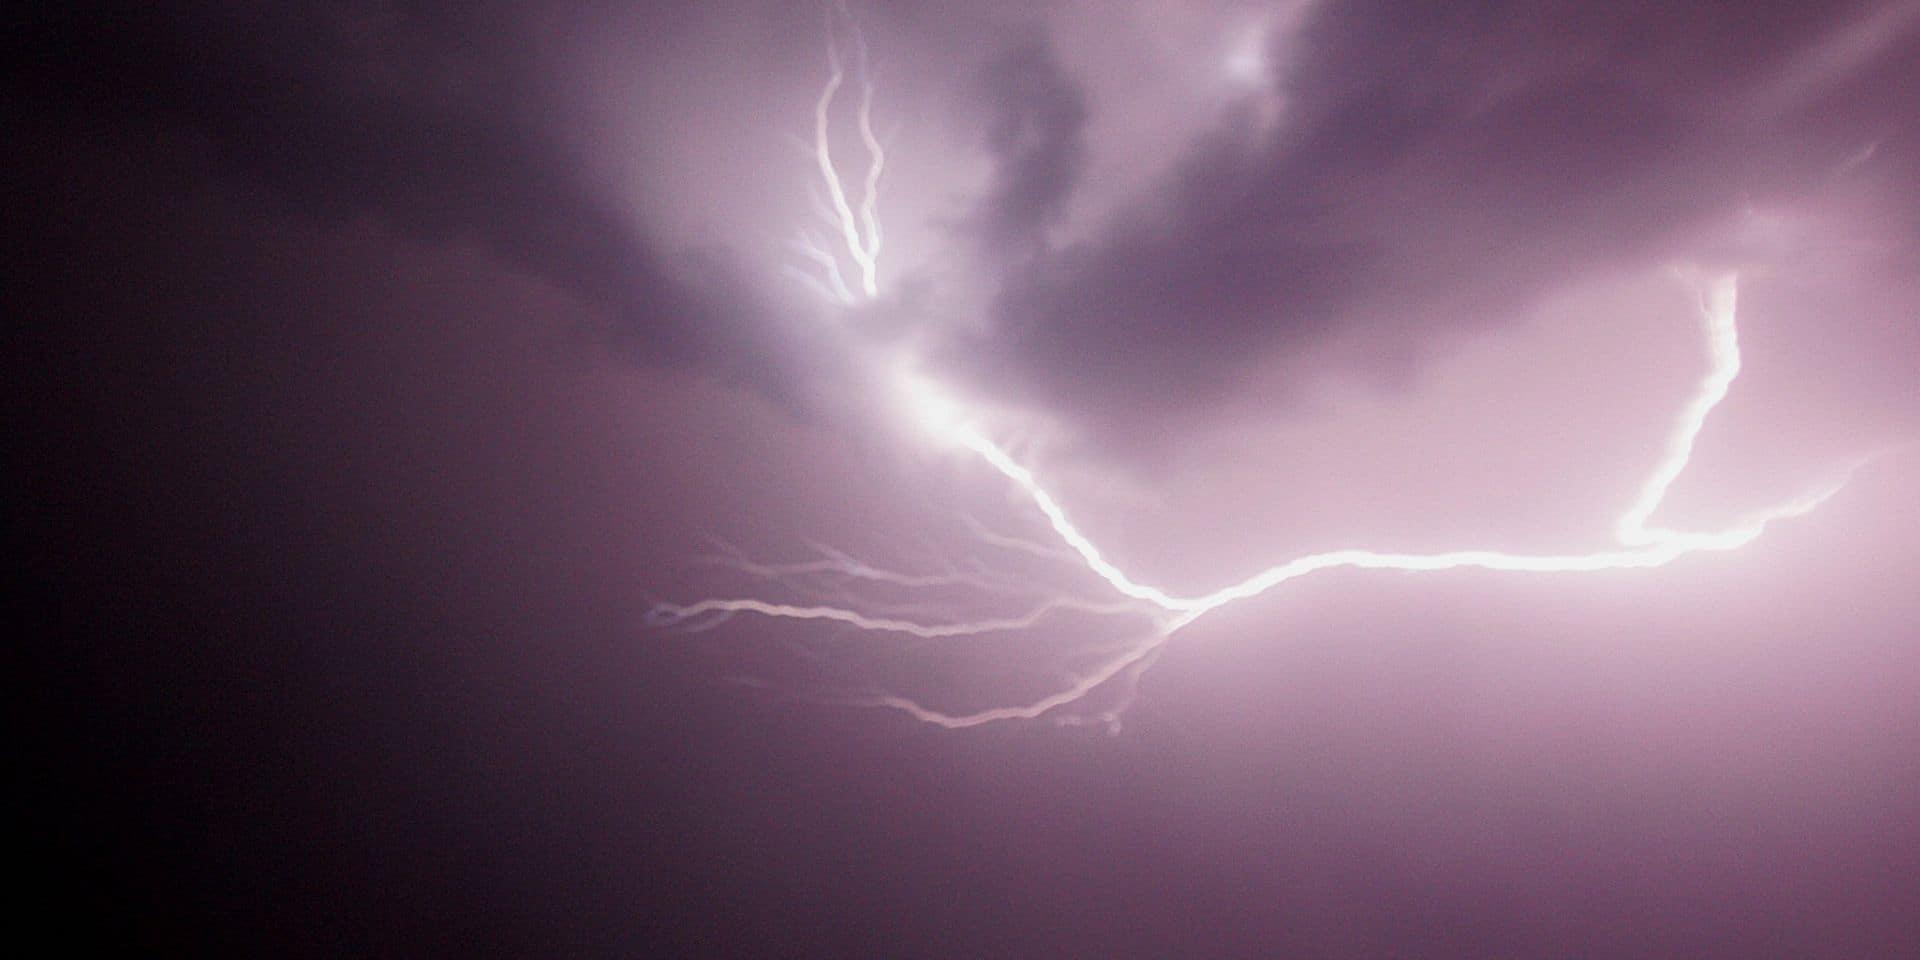 Météo : des averses orageuses très intenses au programme cette semaine